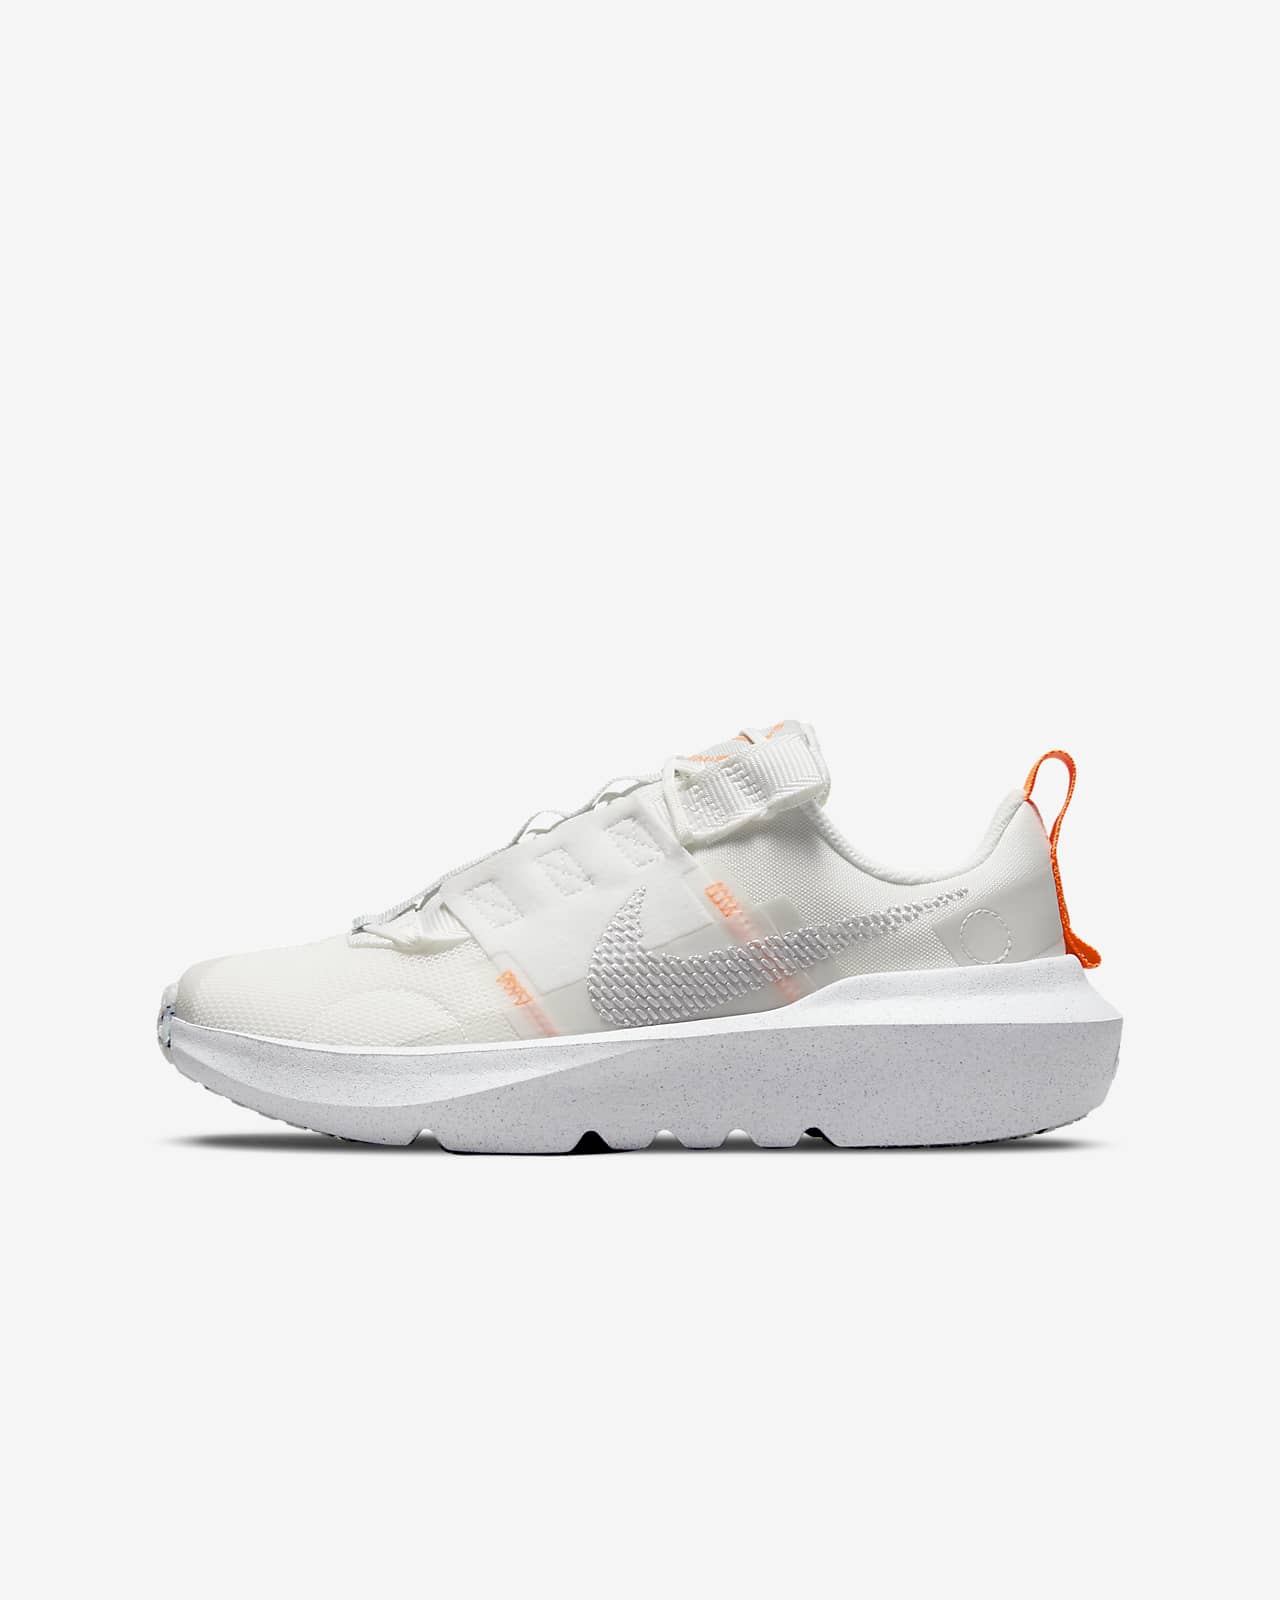 Calzado para niños talla grande Nike Crater Impact